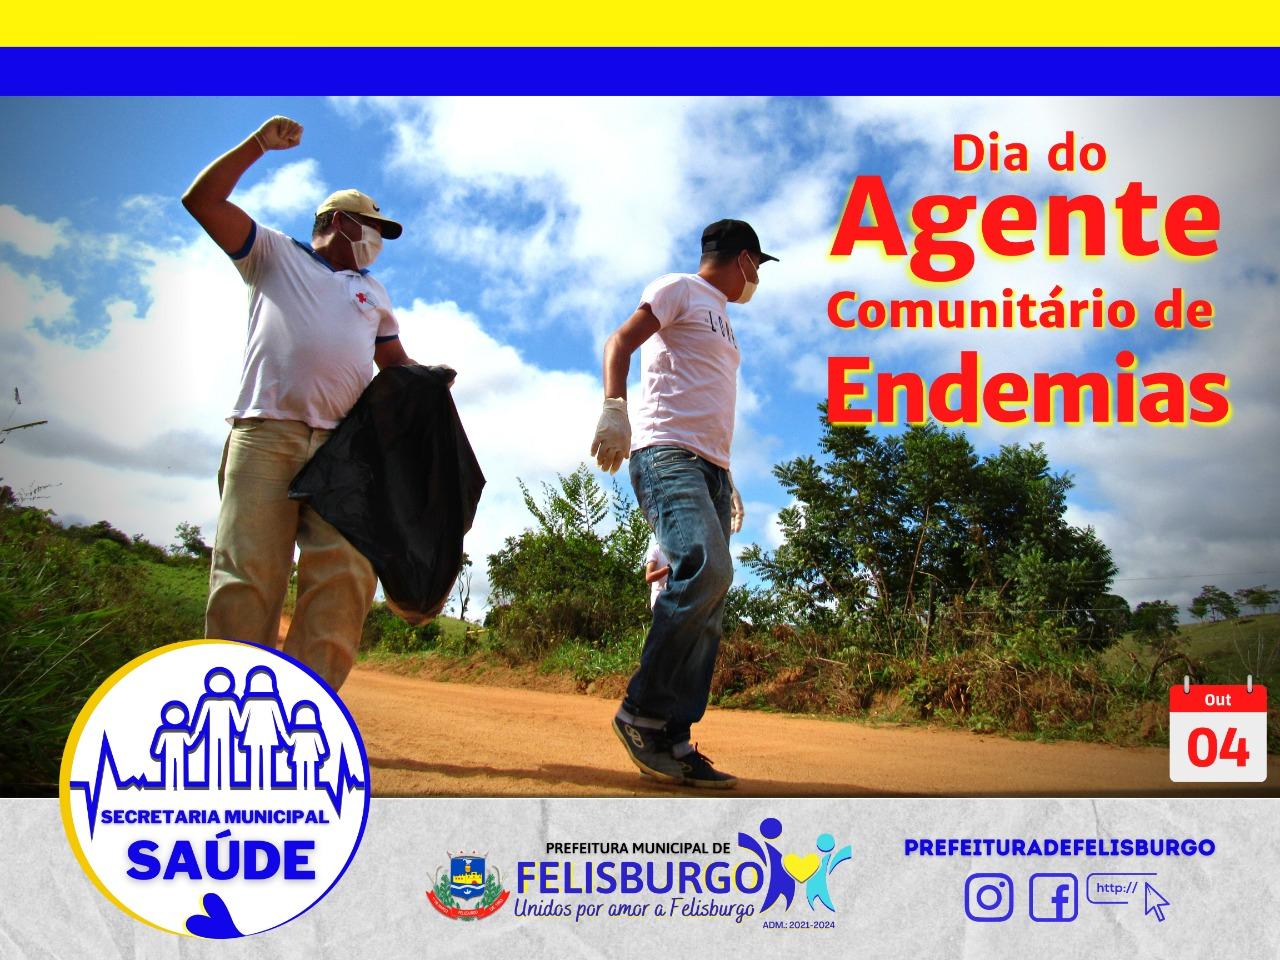 DIA DO AGENTE COMUNITÁRIO DE ENDEMIAS, 04 DE OUTUBRO